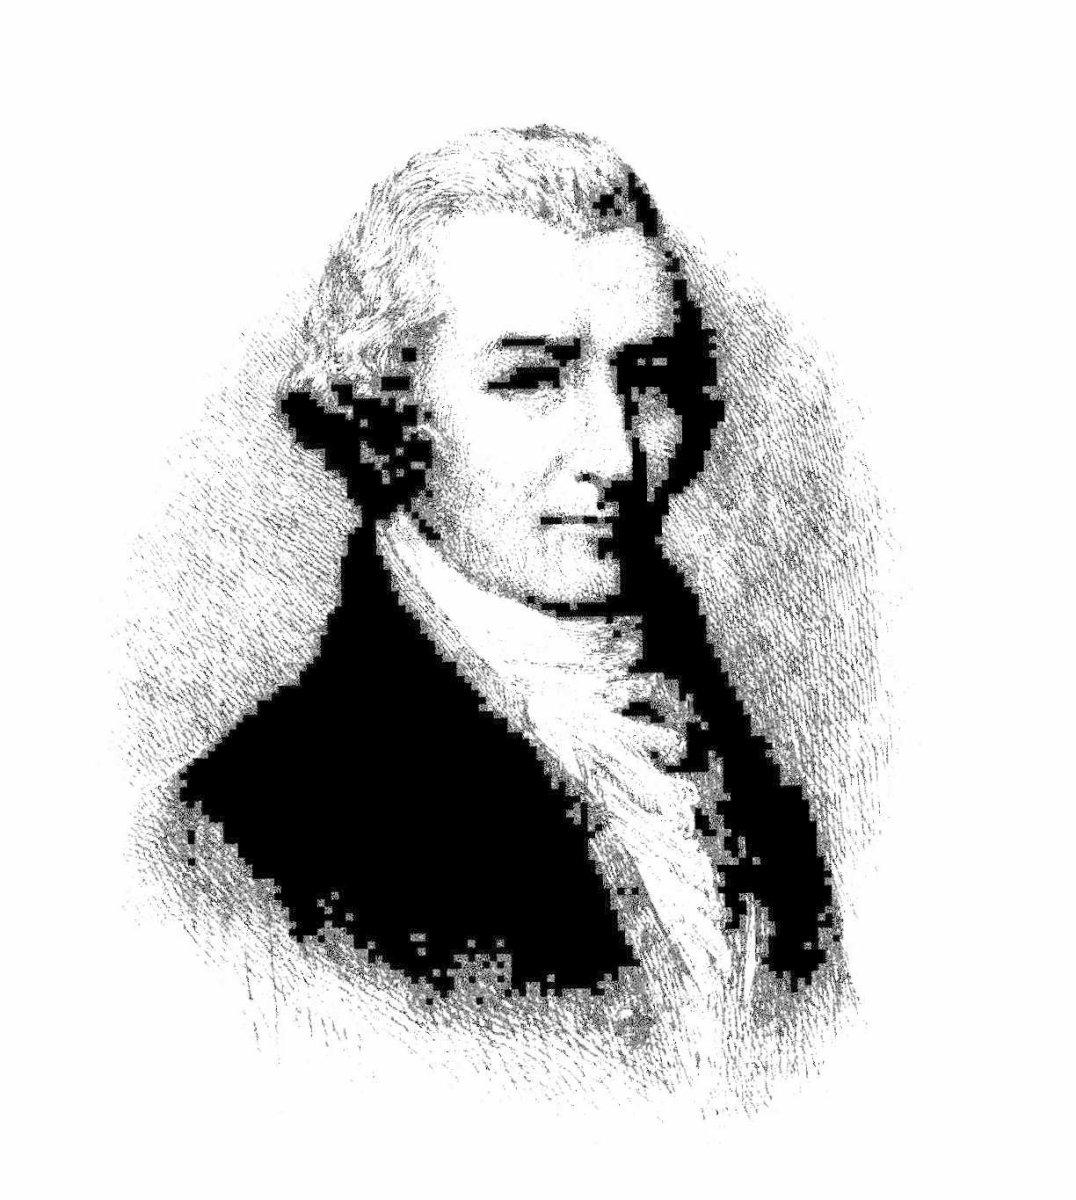 PILGRIM LEADER WILLIAM BRADFORD